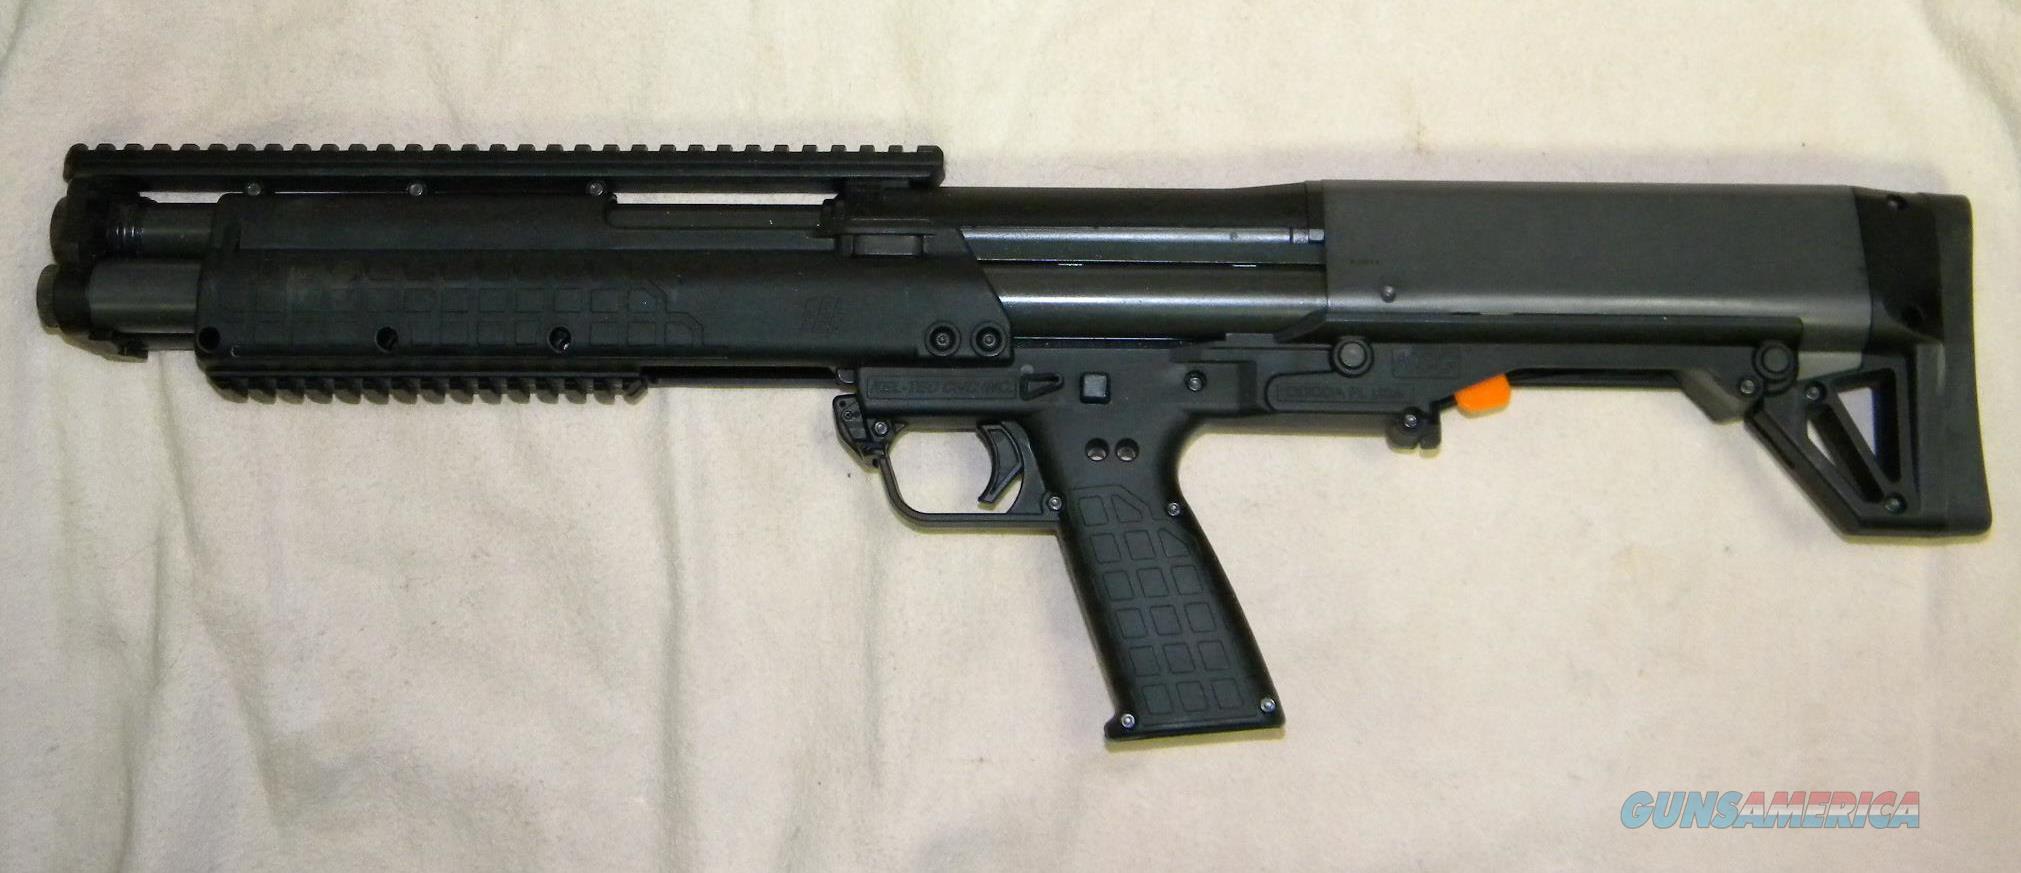 Kel-Tec KSG 12 Ga Pump Shotgun  Guns > Shotguns > Kel-Tec Shotguns > KSG